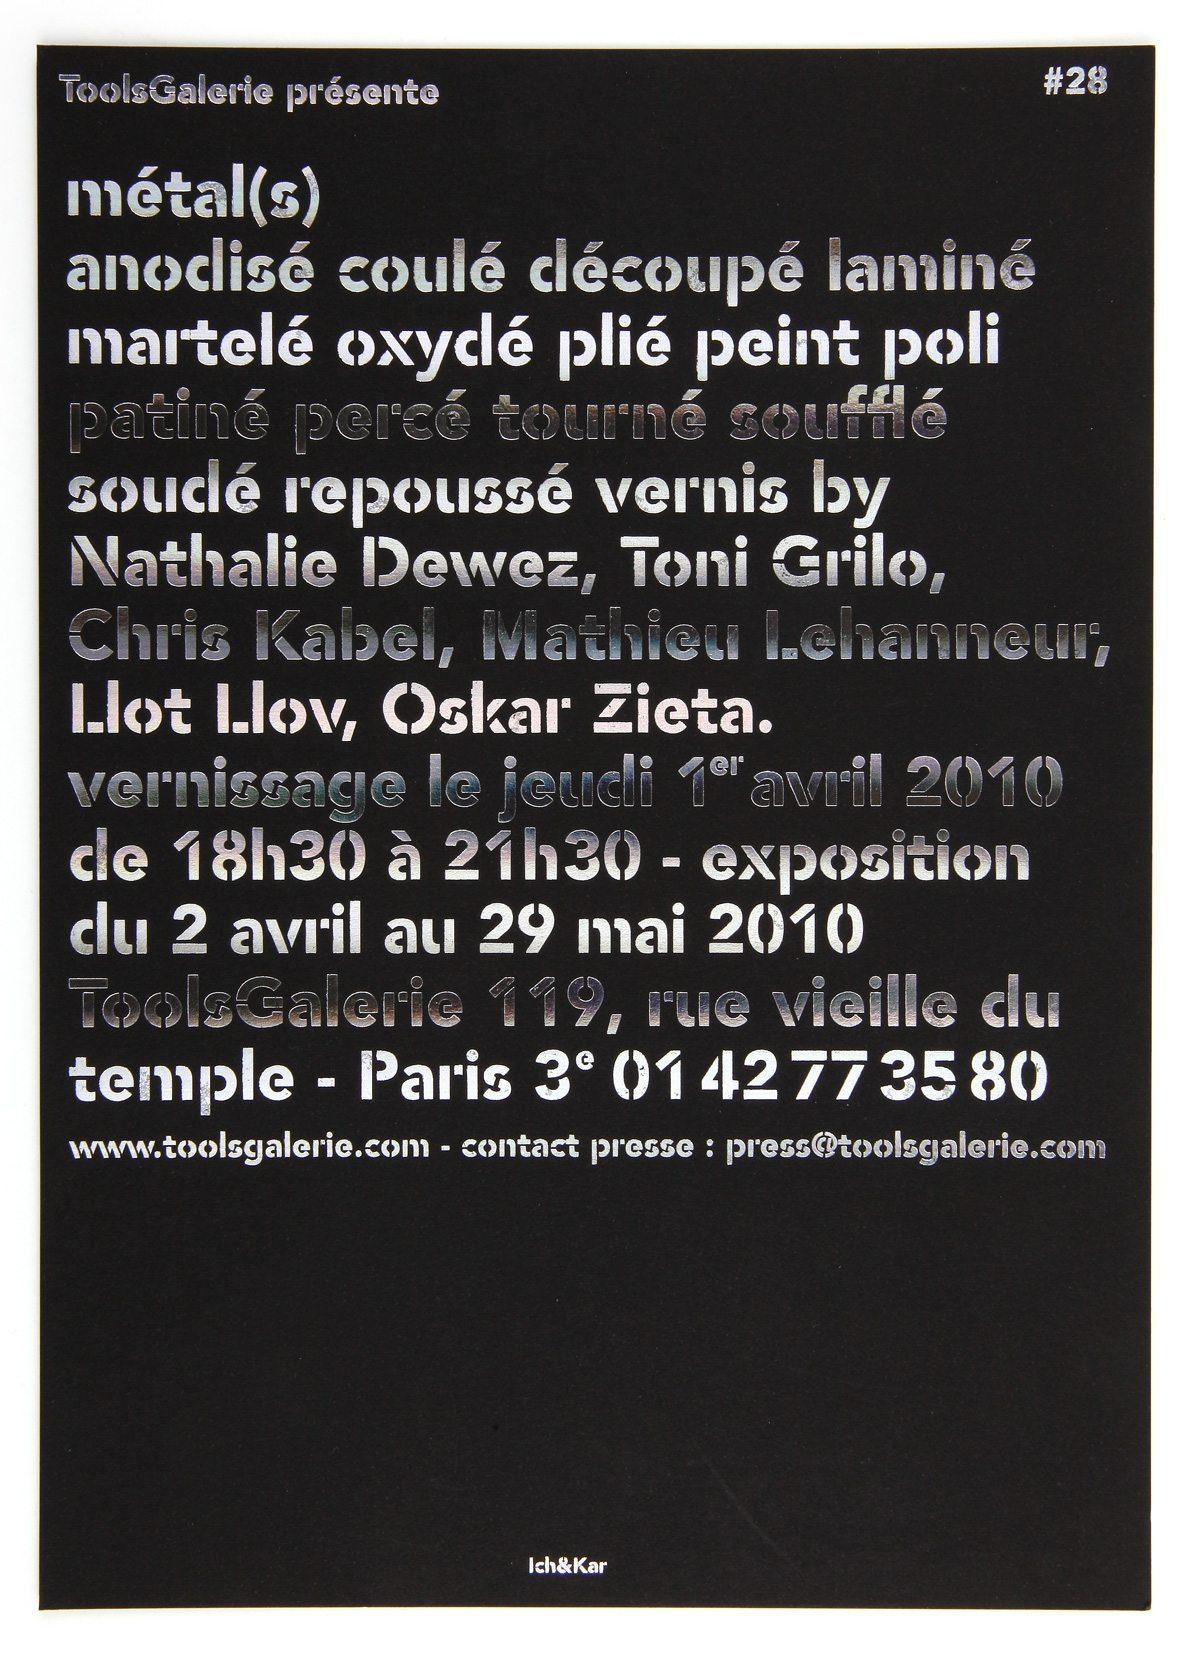 Carton d'invitation de l'exposition Métal(s) sous tout ses formes à la ToolsGalerie, Dorure argenté façon métallisé, design Ichetkar